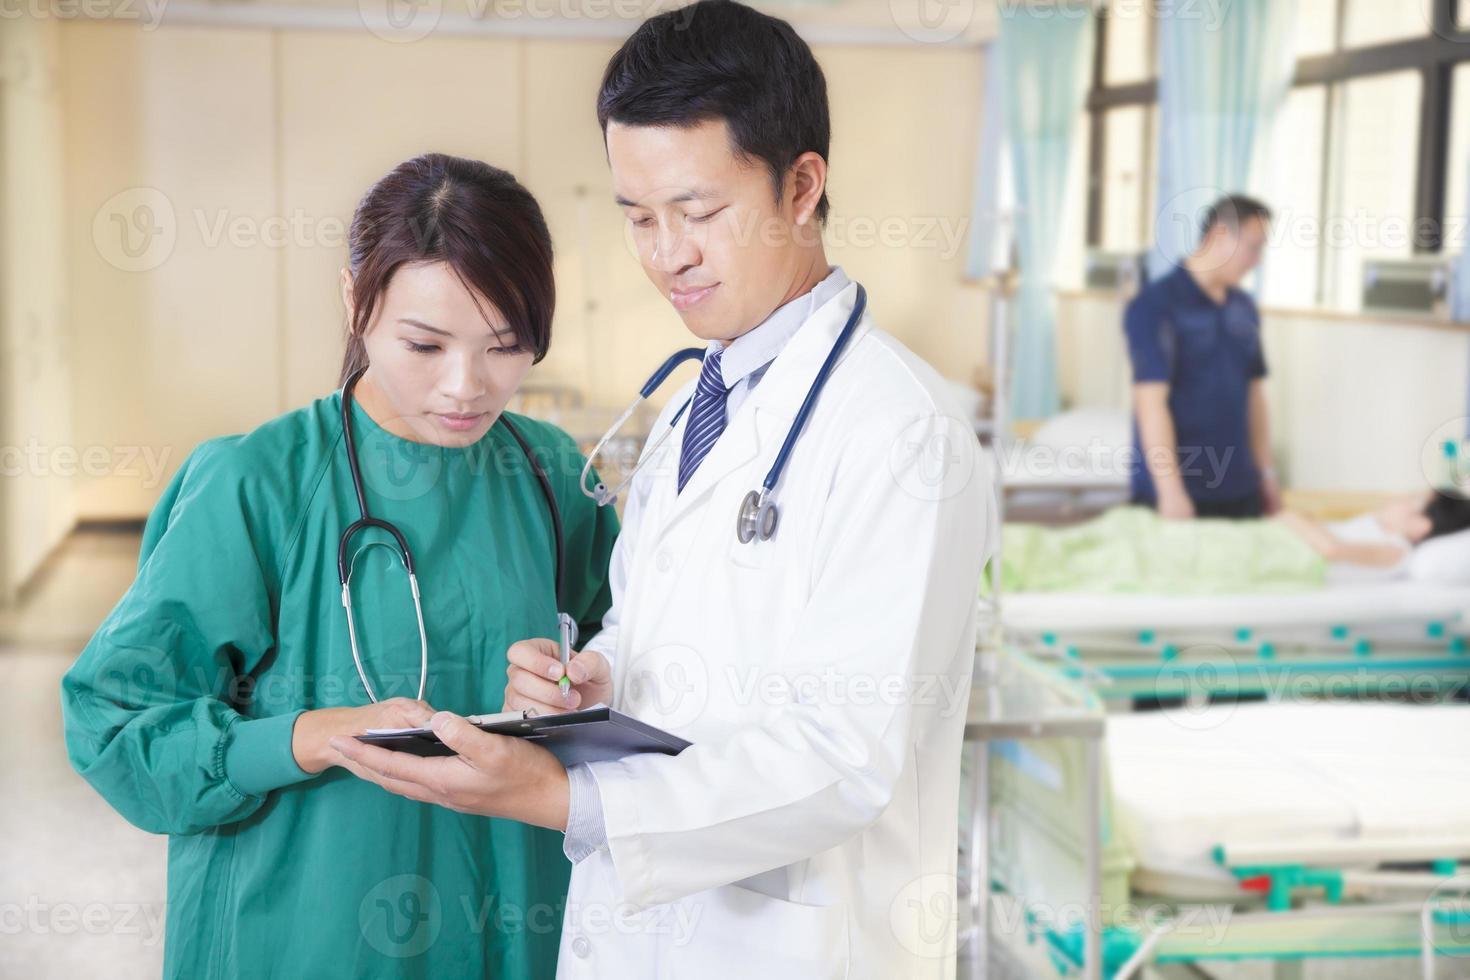 médecin et assistant discutent de la situation des filles photo